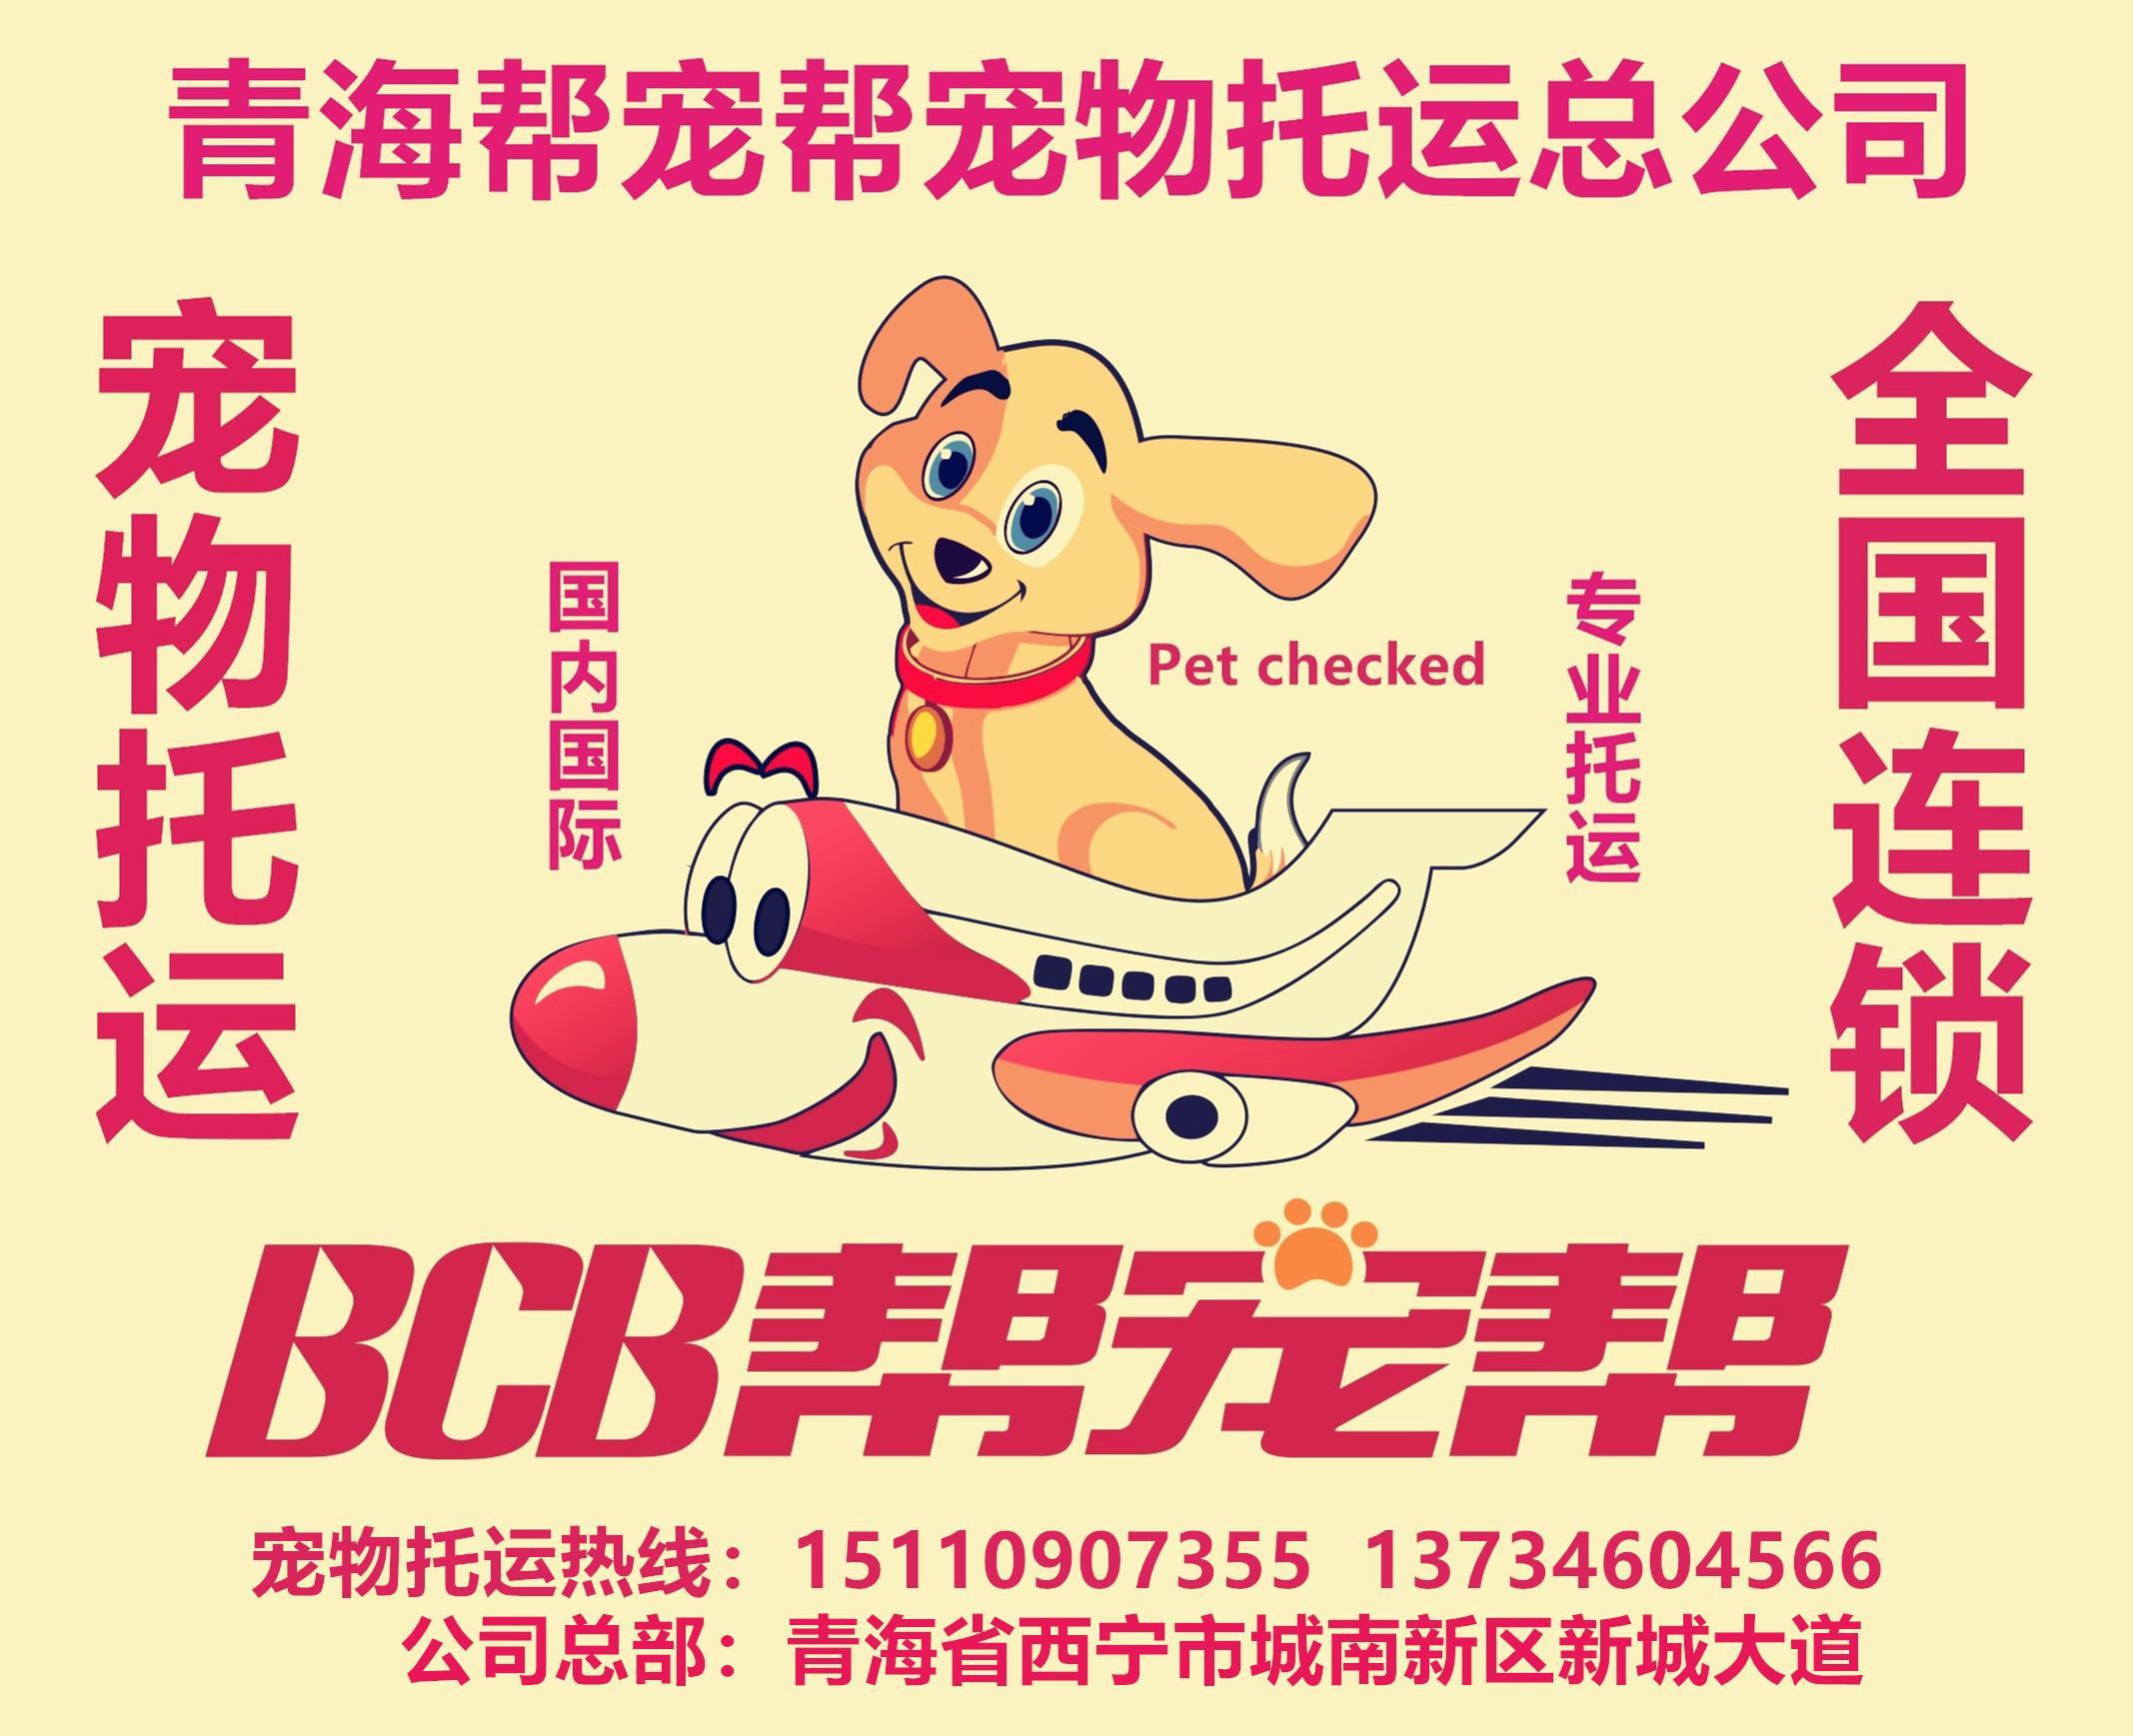 西宁宠物托运找专业的宠物托运公司帮宠帮宠物托运